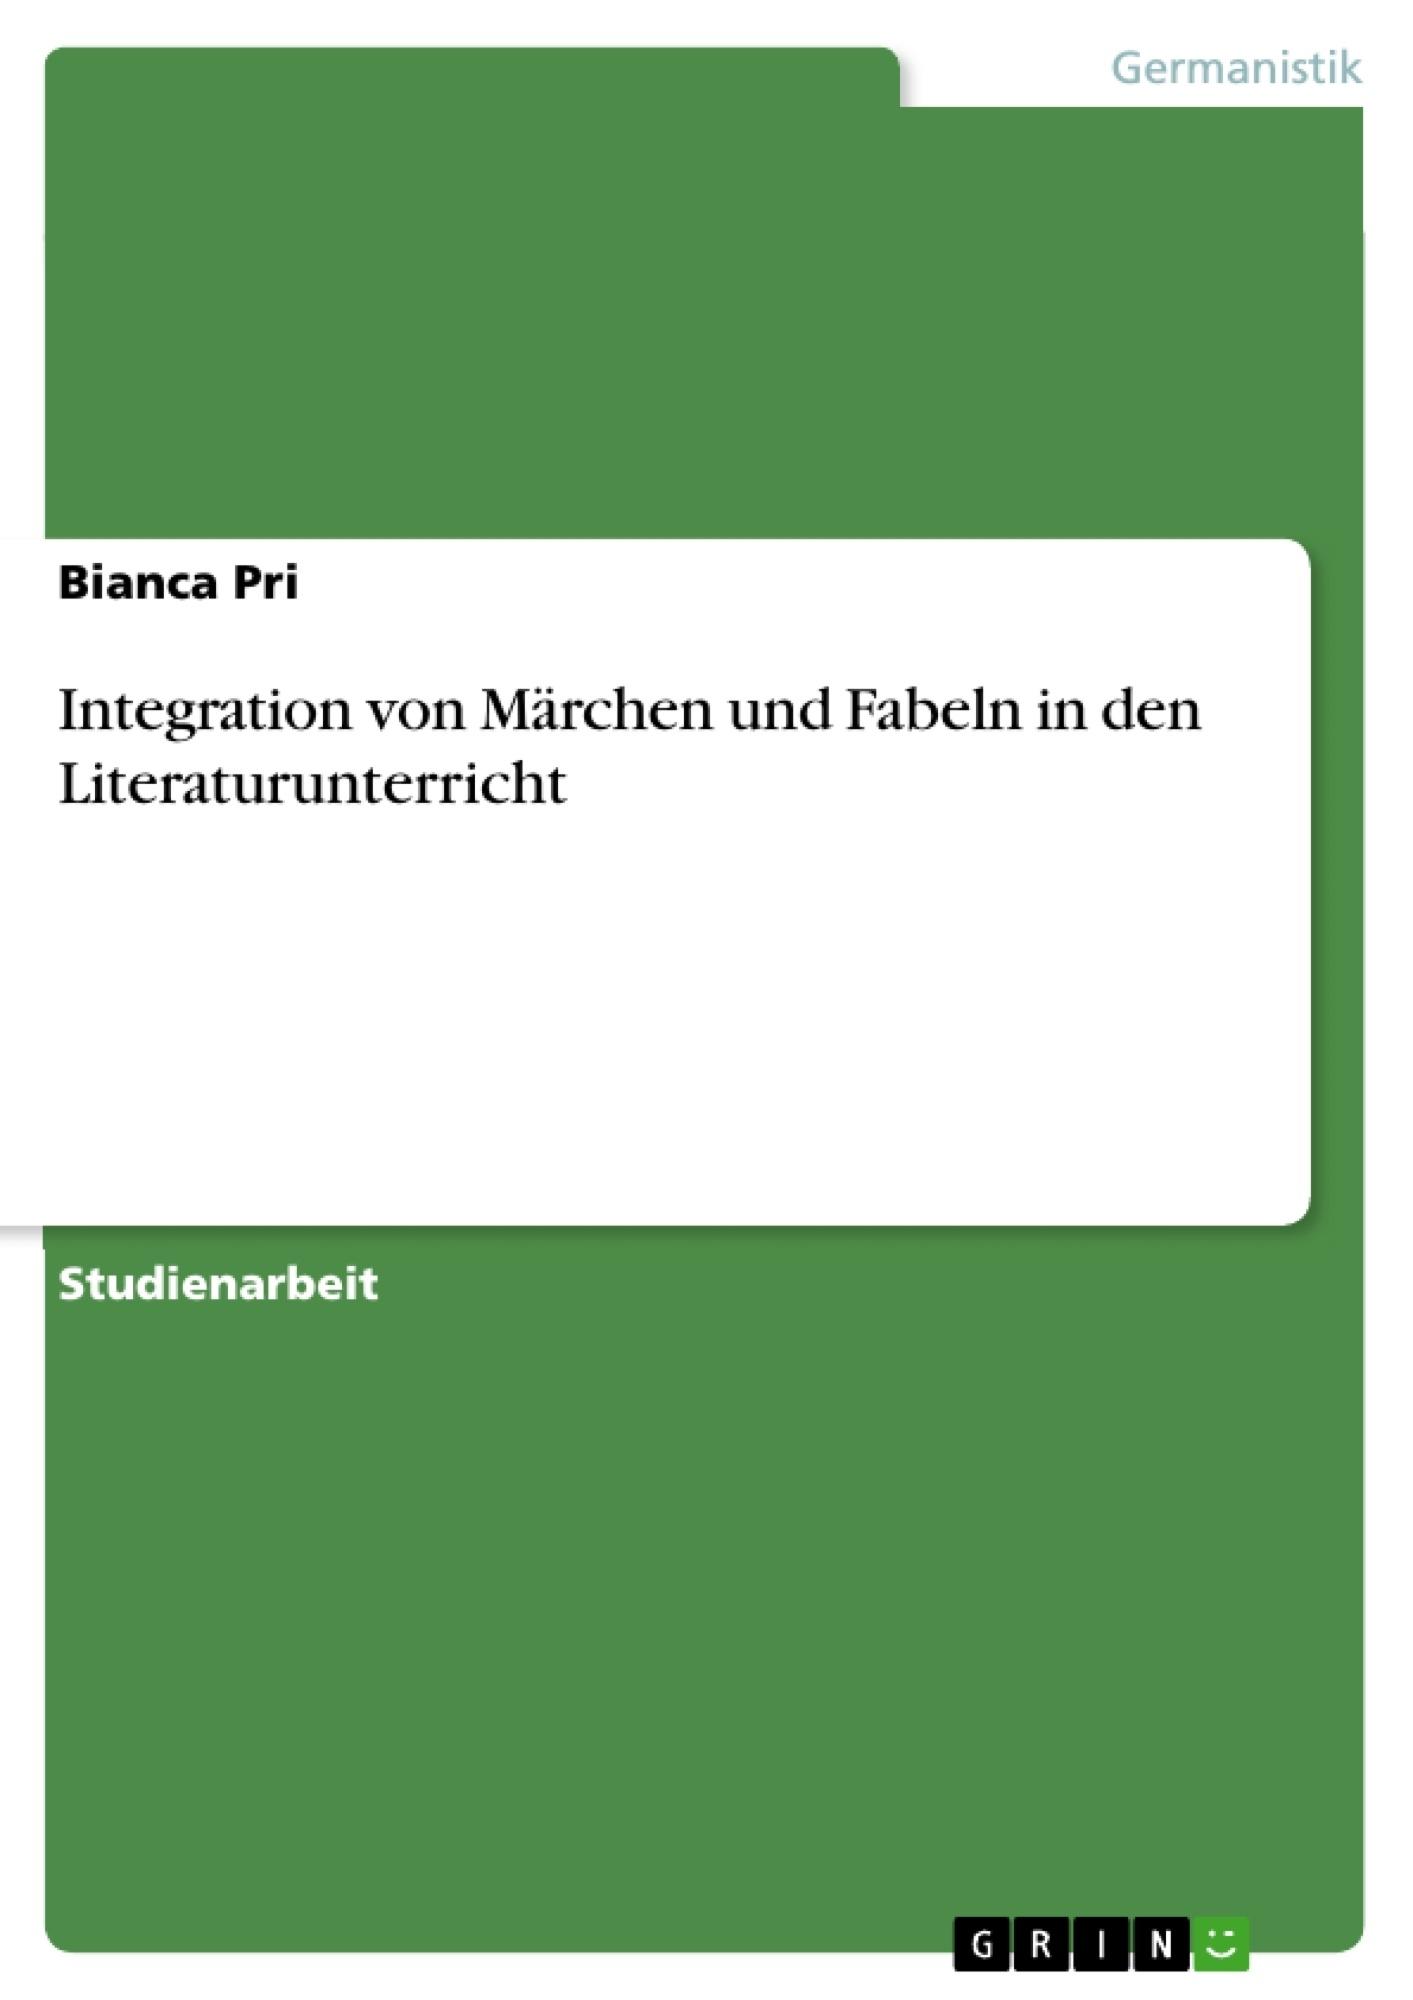 Titel: Integration von Märchen und Fabeln in den Literaturunterricht